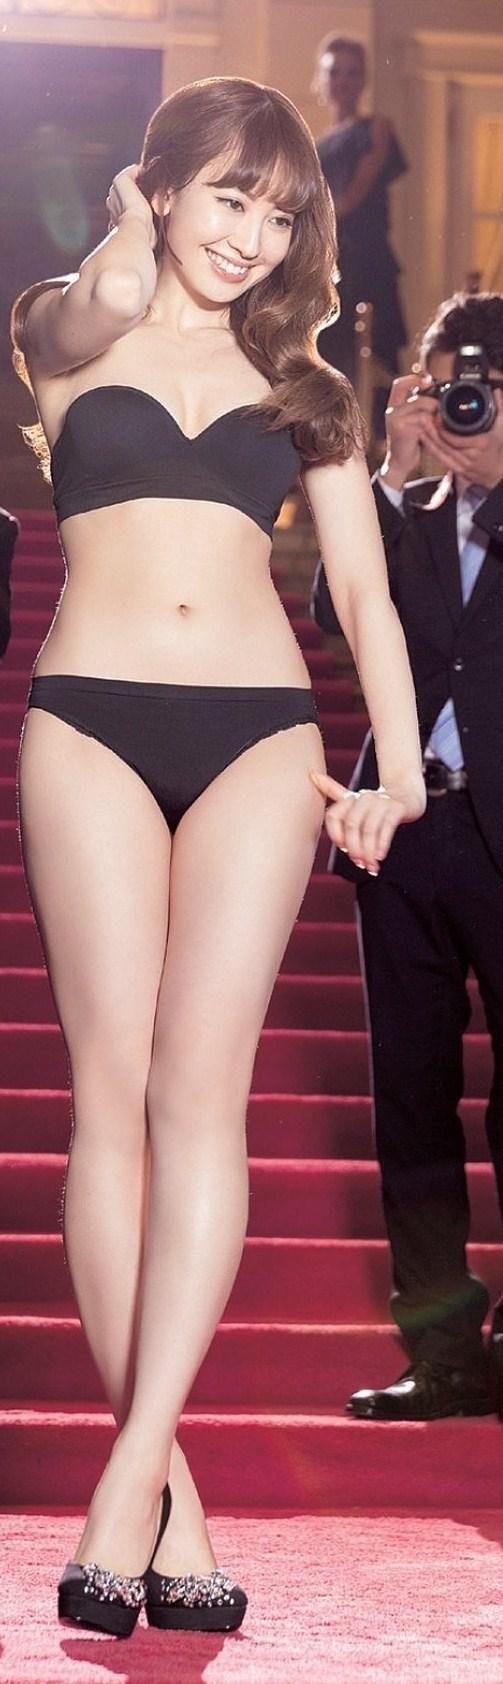 『【下着グラビア画像】AKB48こじはる 小嶋陽菜【カップ FLASH 2013ピーチジョンCM】』